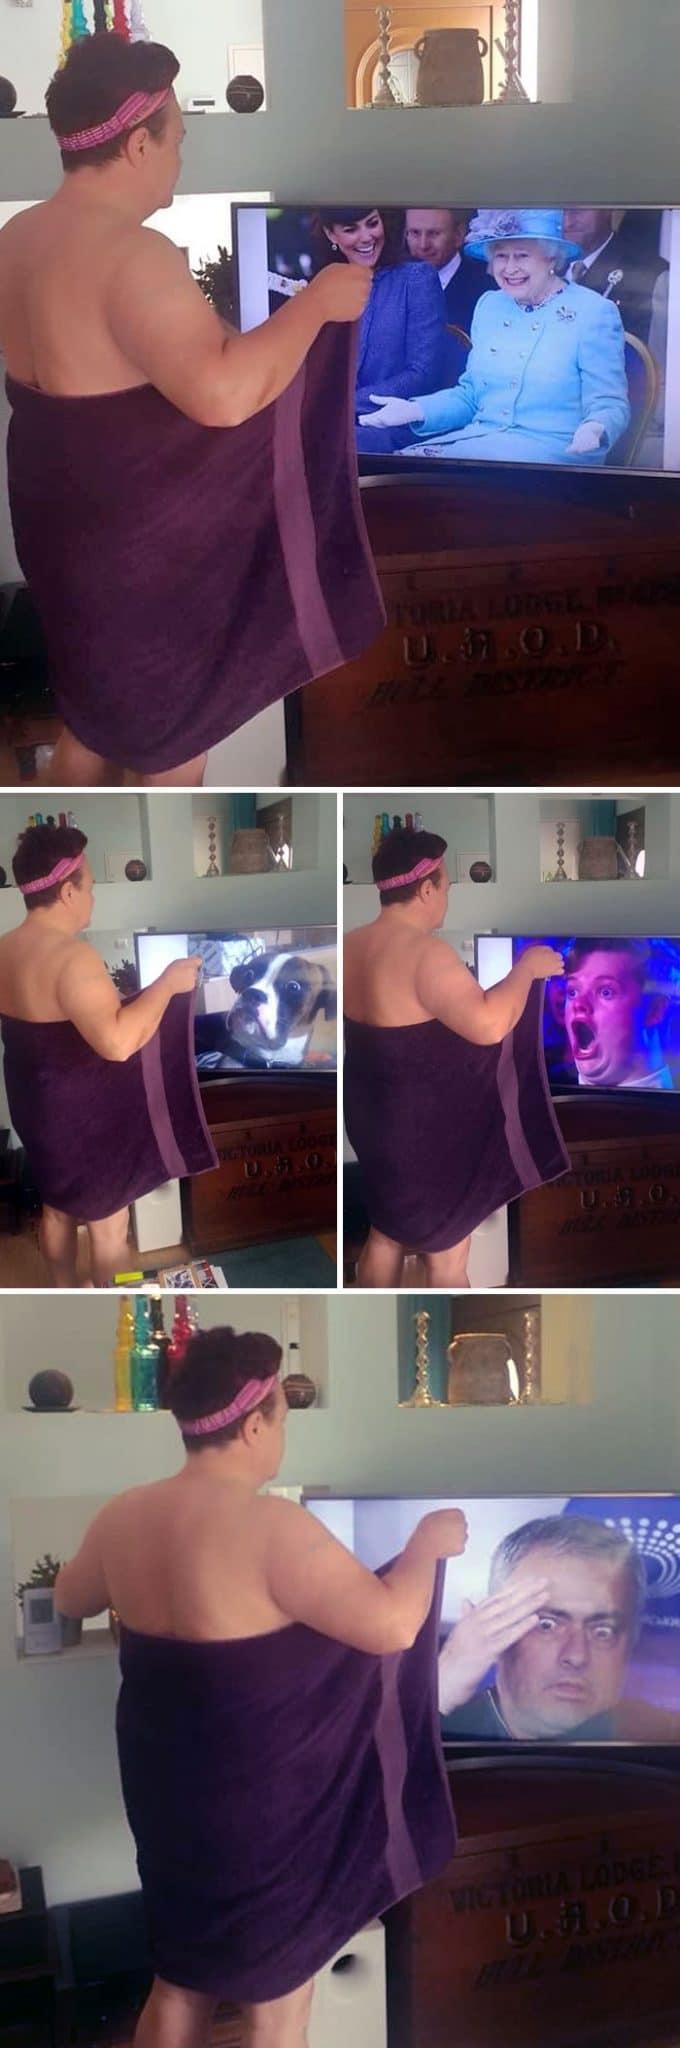 гэри макконахи в полотенце перед телевизором